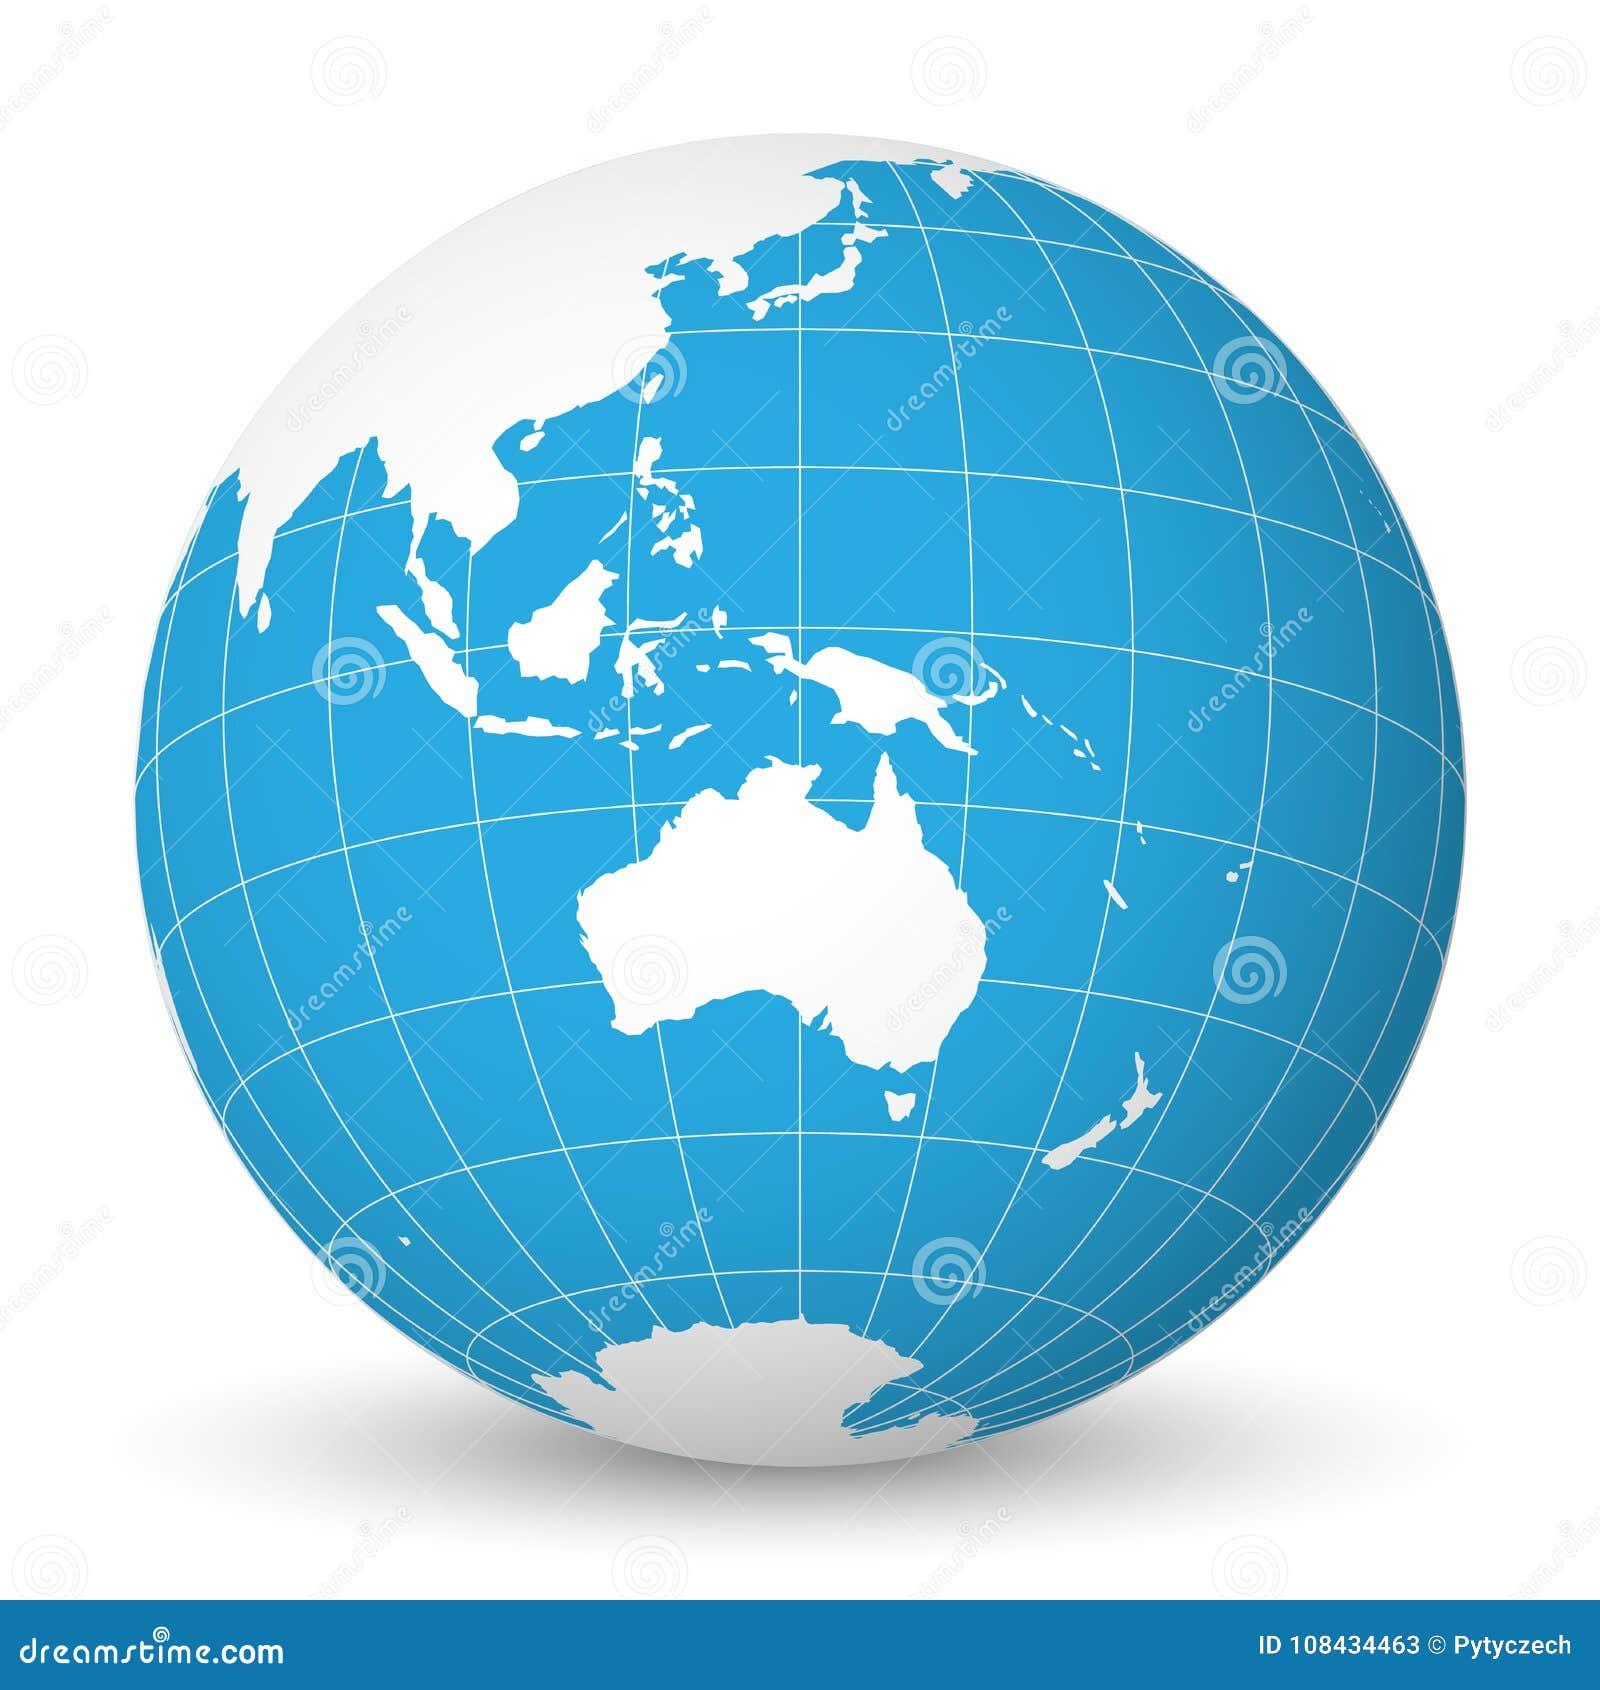 Cartina Del Mondo Con Meridiani E Paralleli.Interri Il Globo Con La Mappa Di Mondo Bianca E Mari Ed